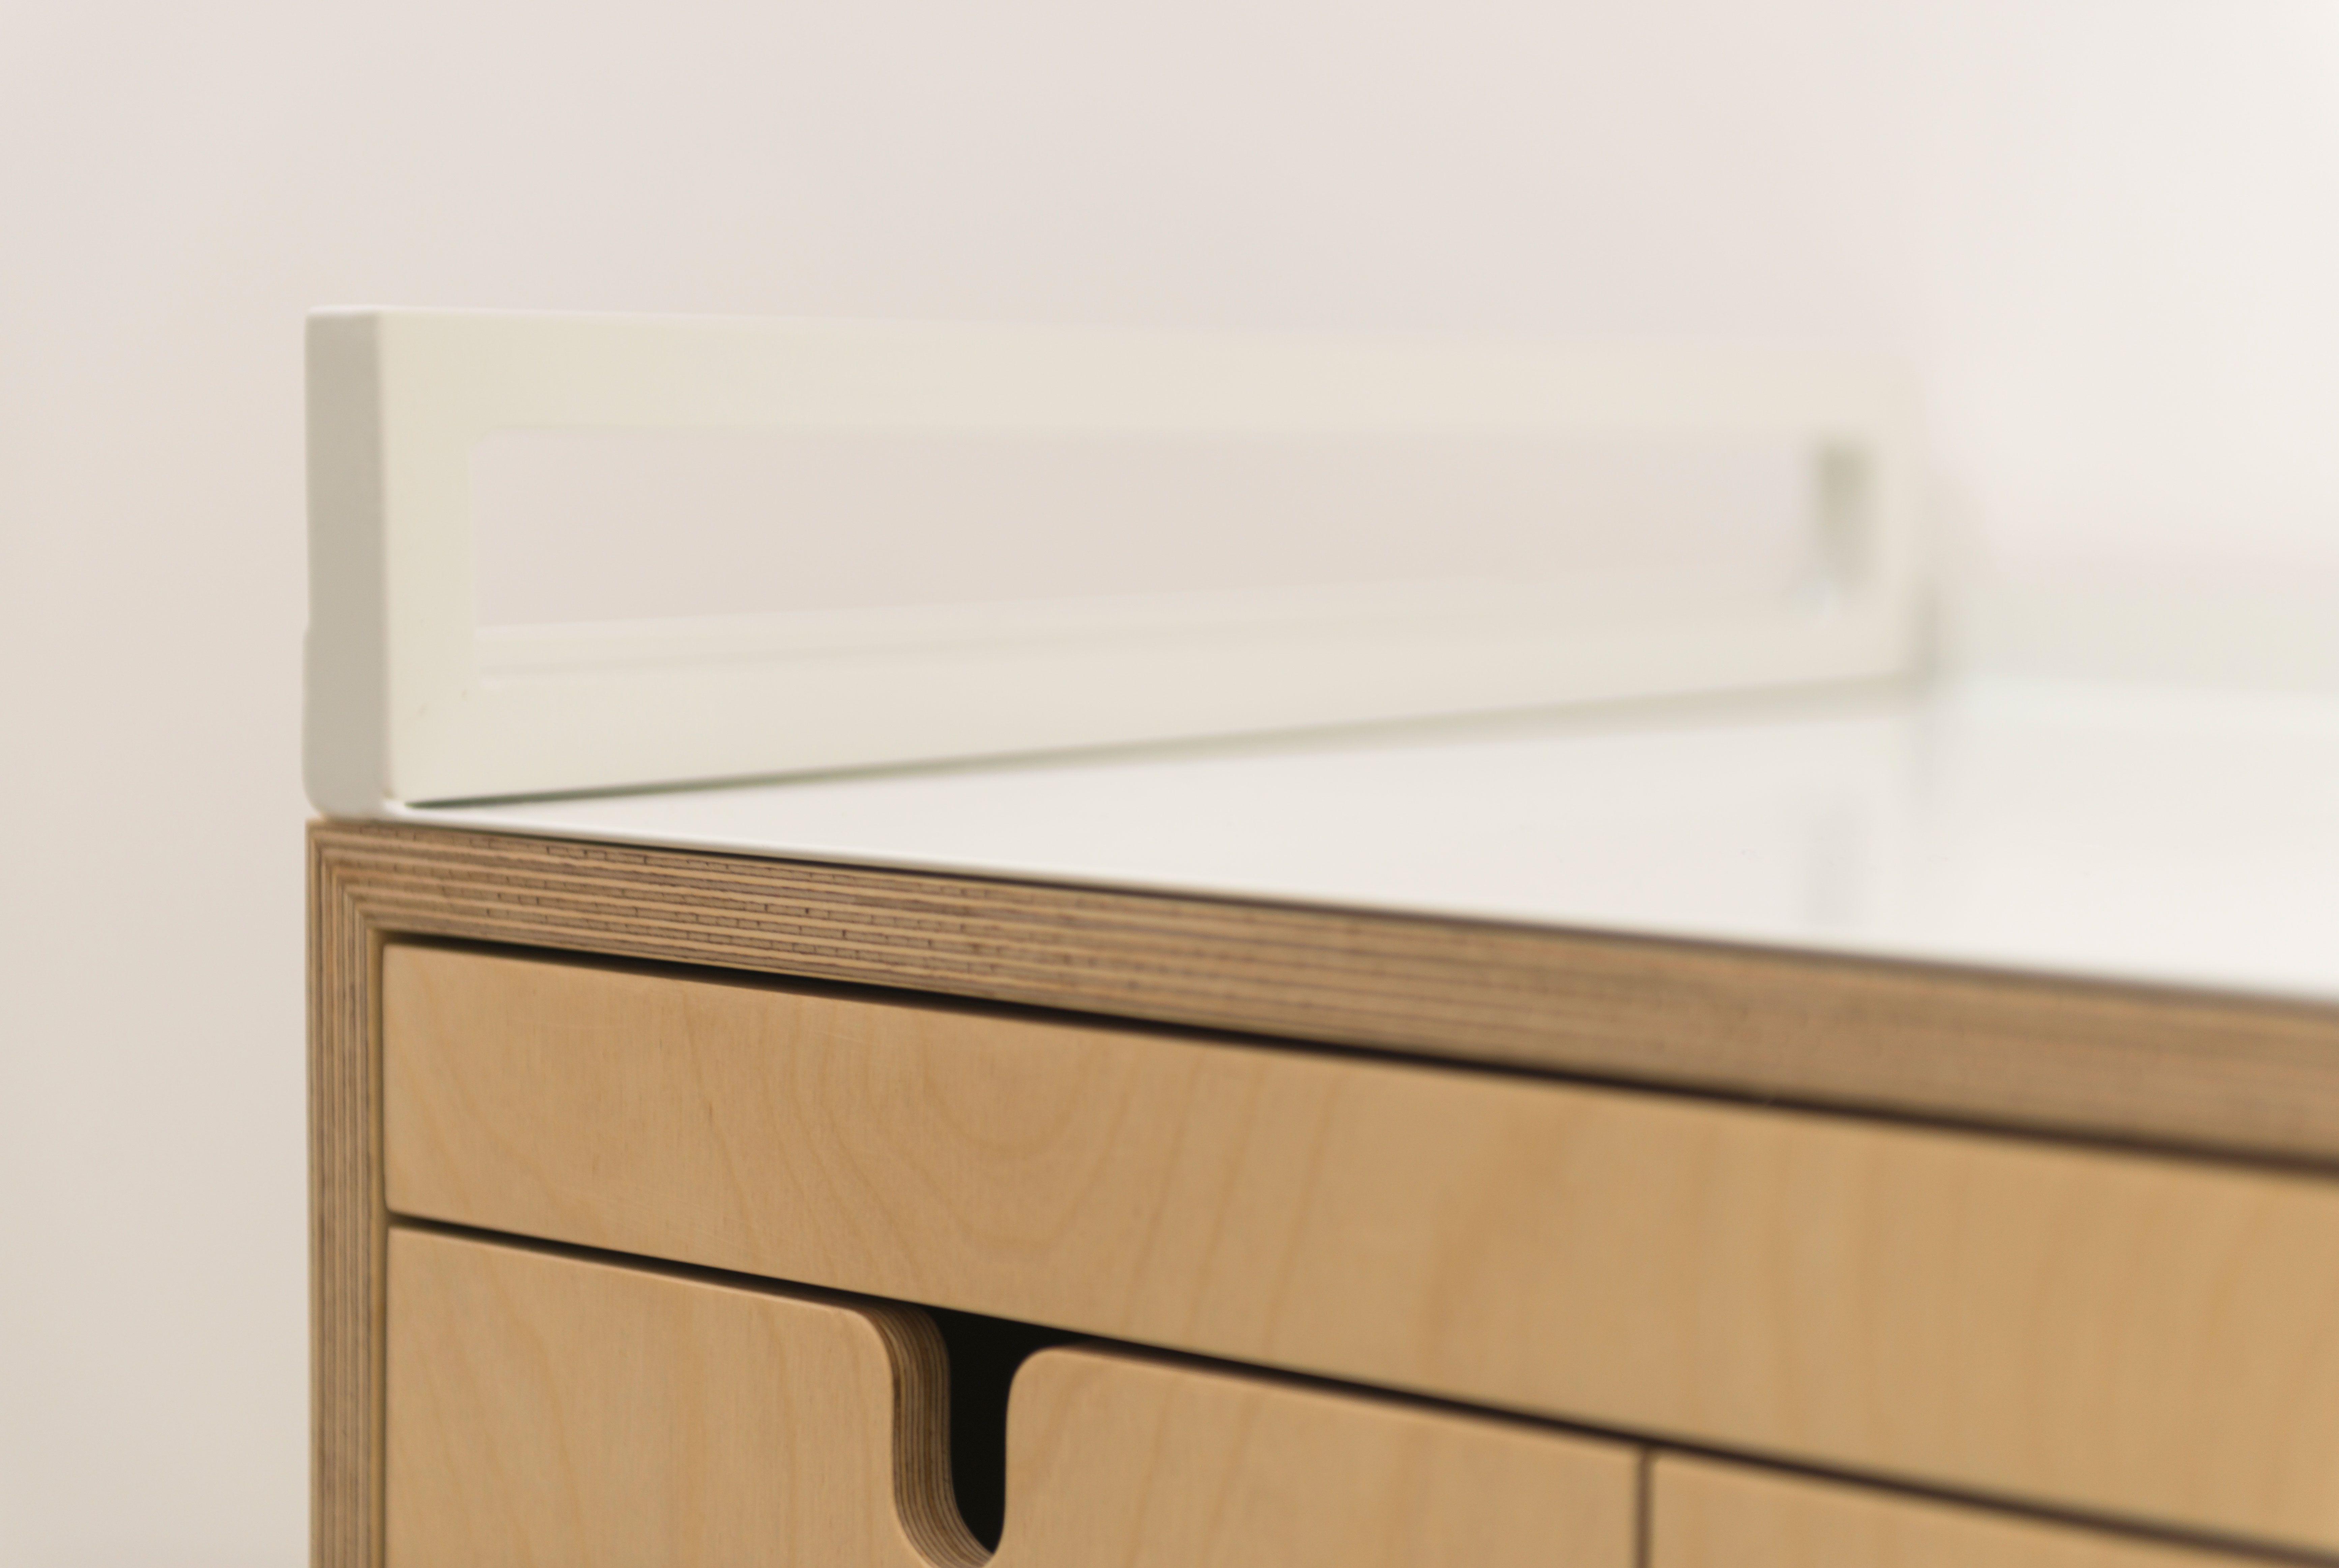 cfbb6868d57353c114172d1df403856f Luxe De Table Basse Montagne Concept